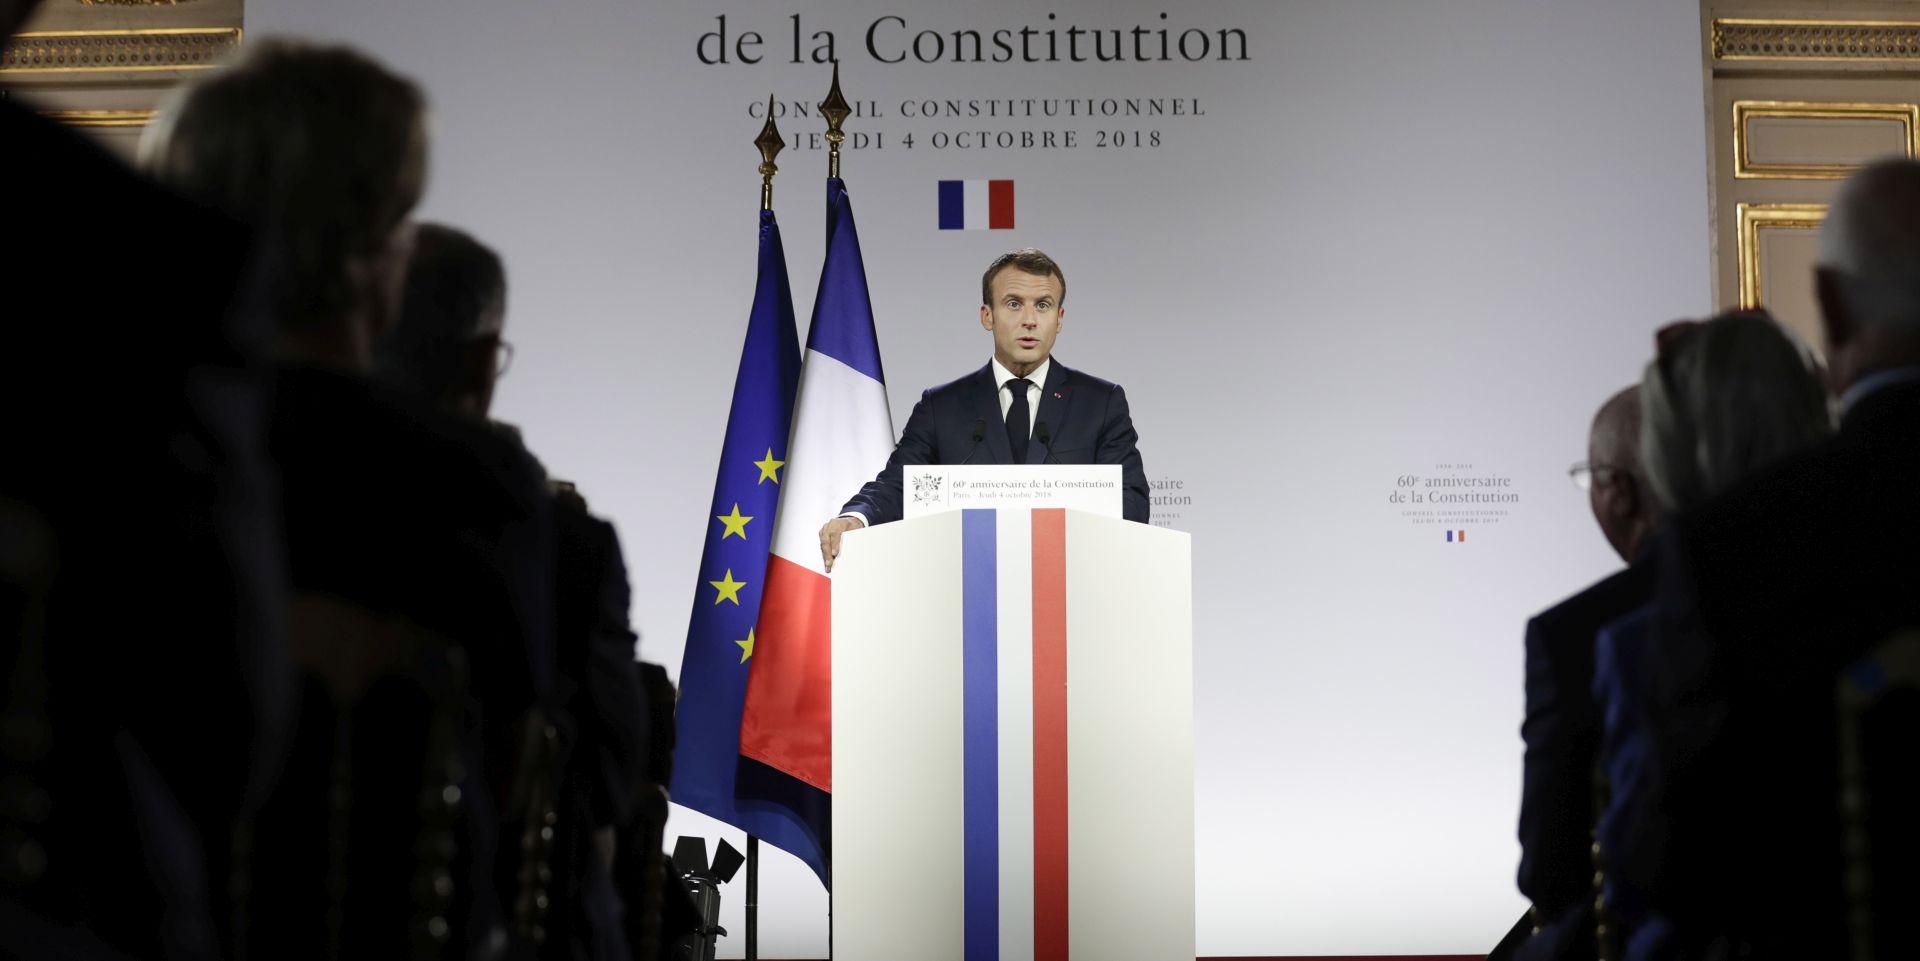 Nova Kaledonija glasala protiv neovisnosti od Francuske